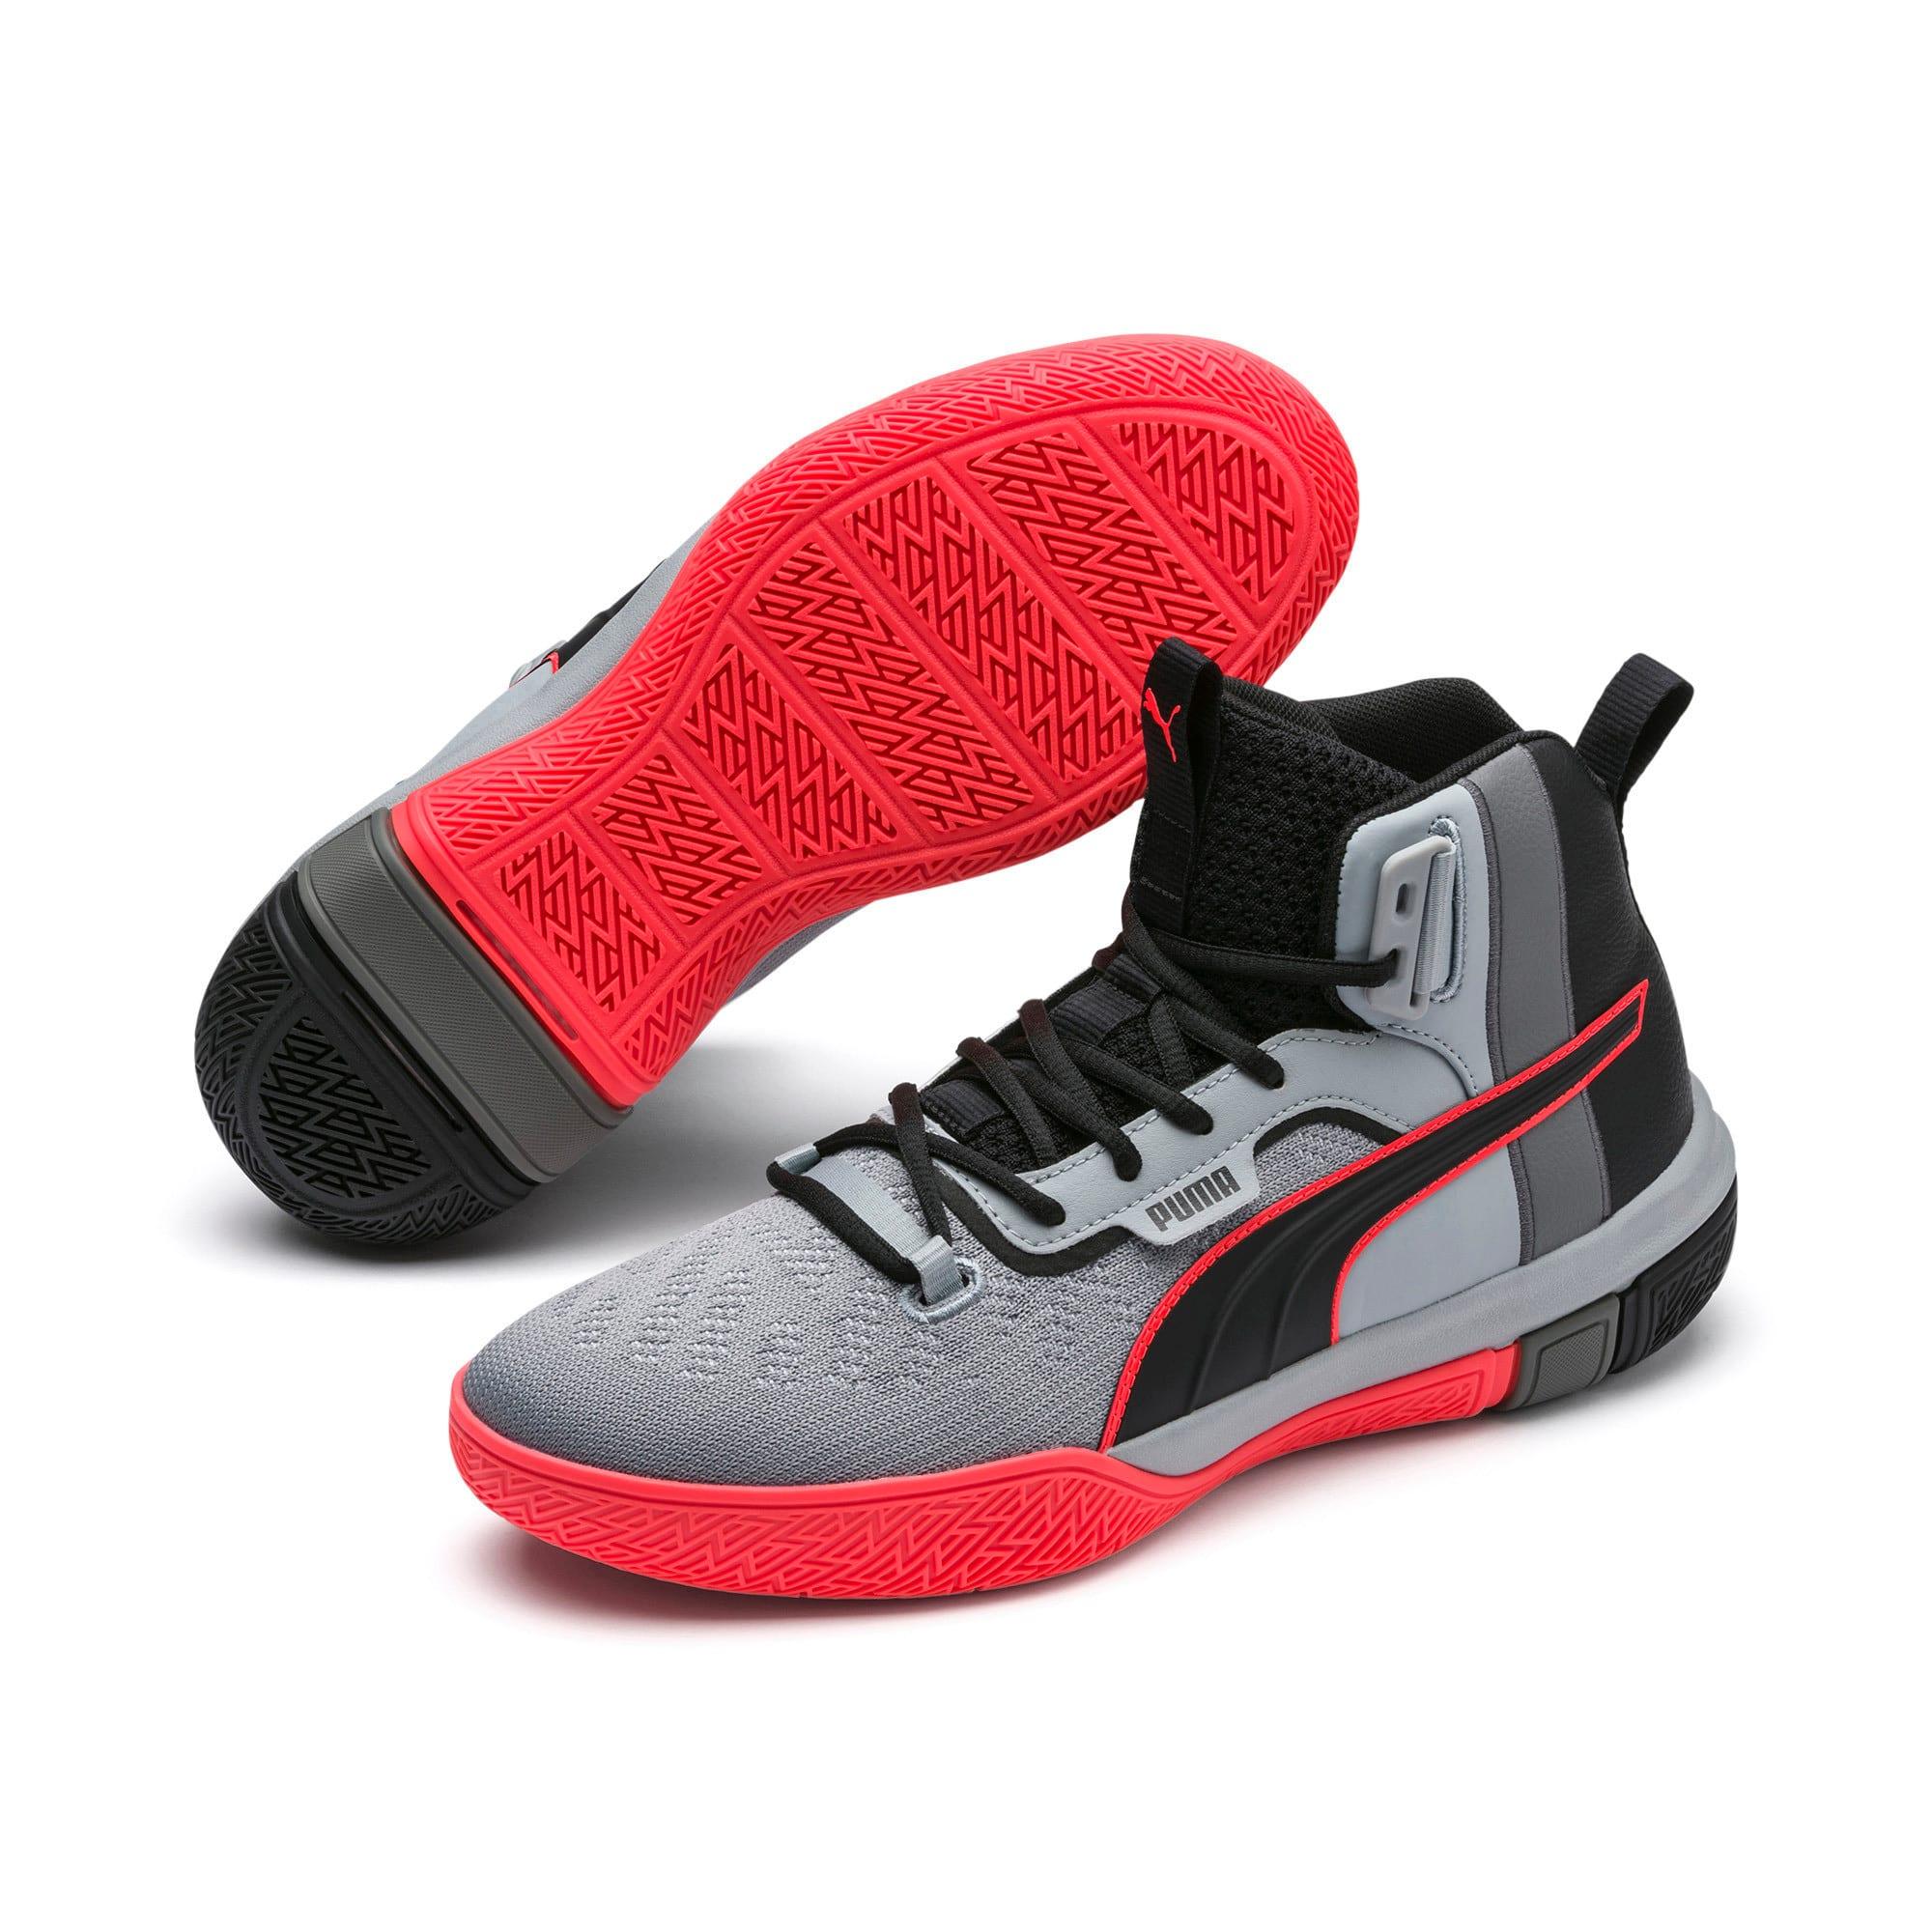 Thumbnail 2 of Chaussure de basket Legacy Disrupt pour homme, Puma Black-Red Blast, medium